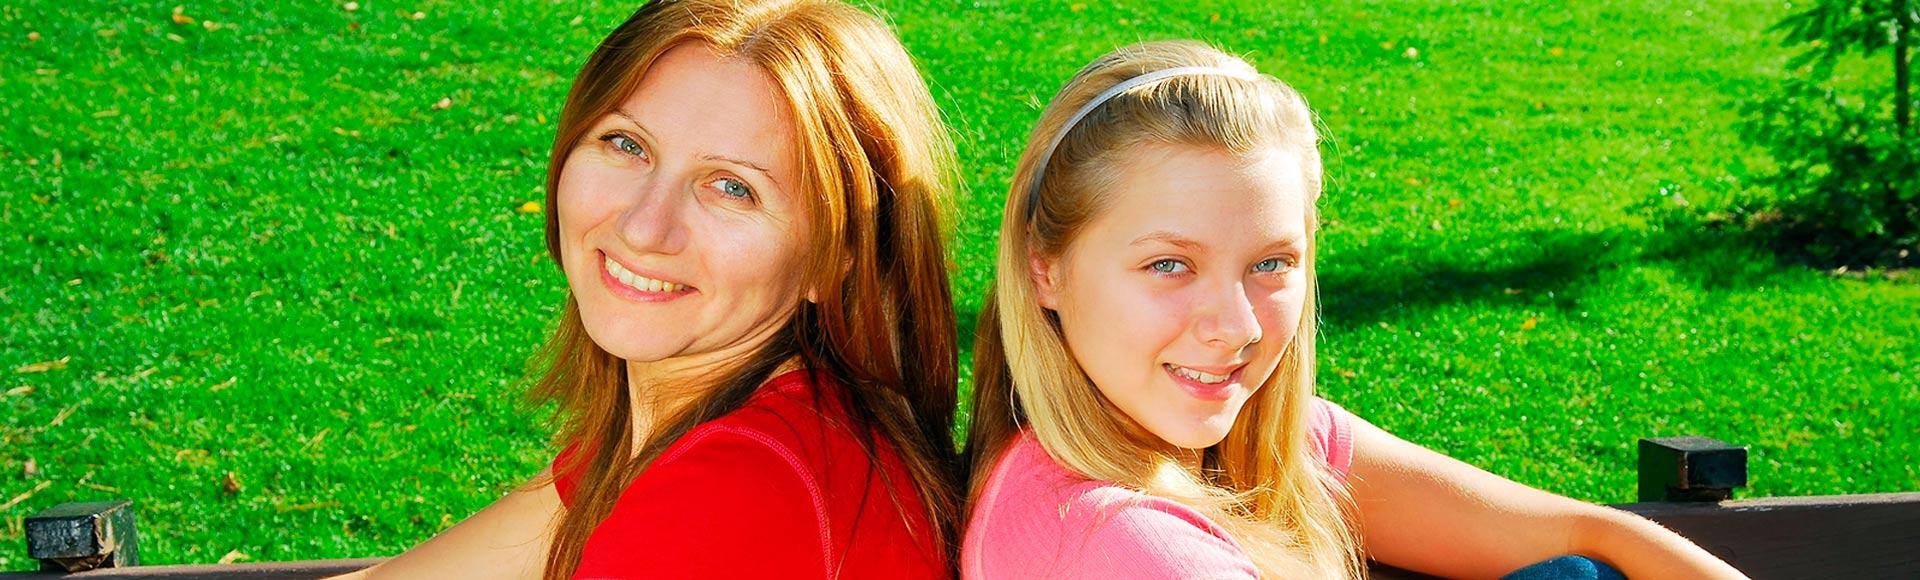 Cursos de inglés para familias en Toronto Canada